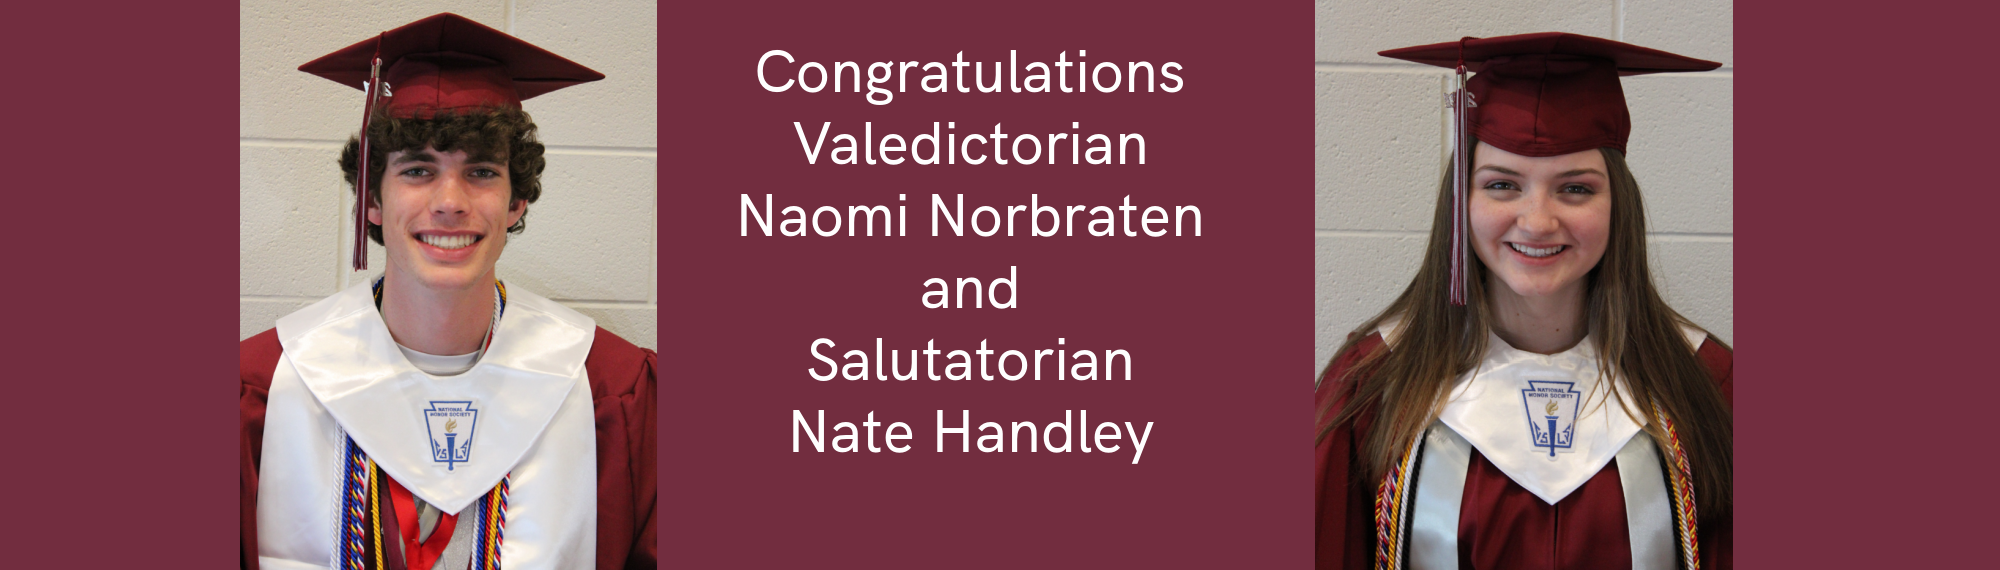 Naomi Norbraten & Nate Handley